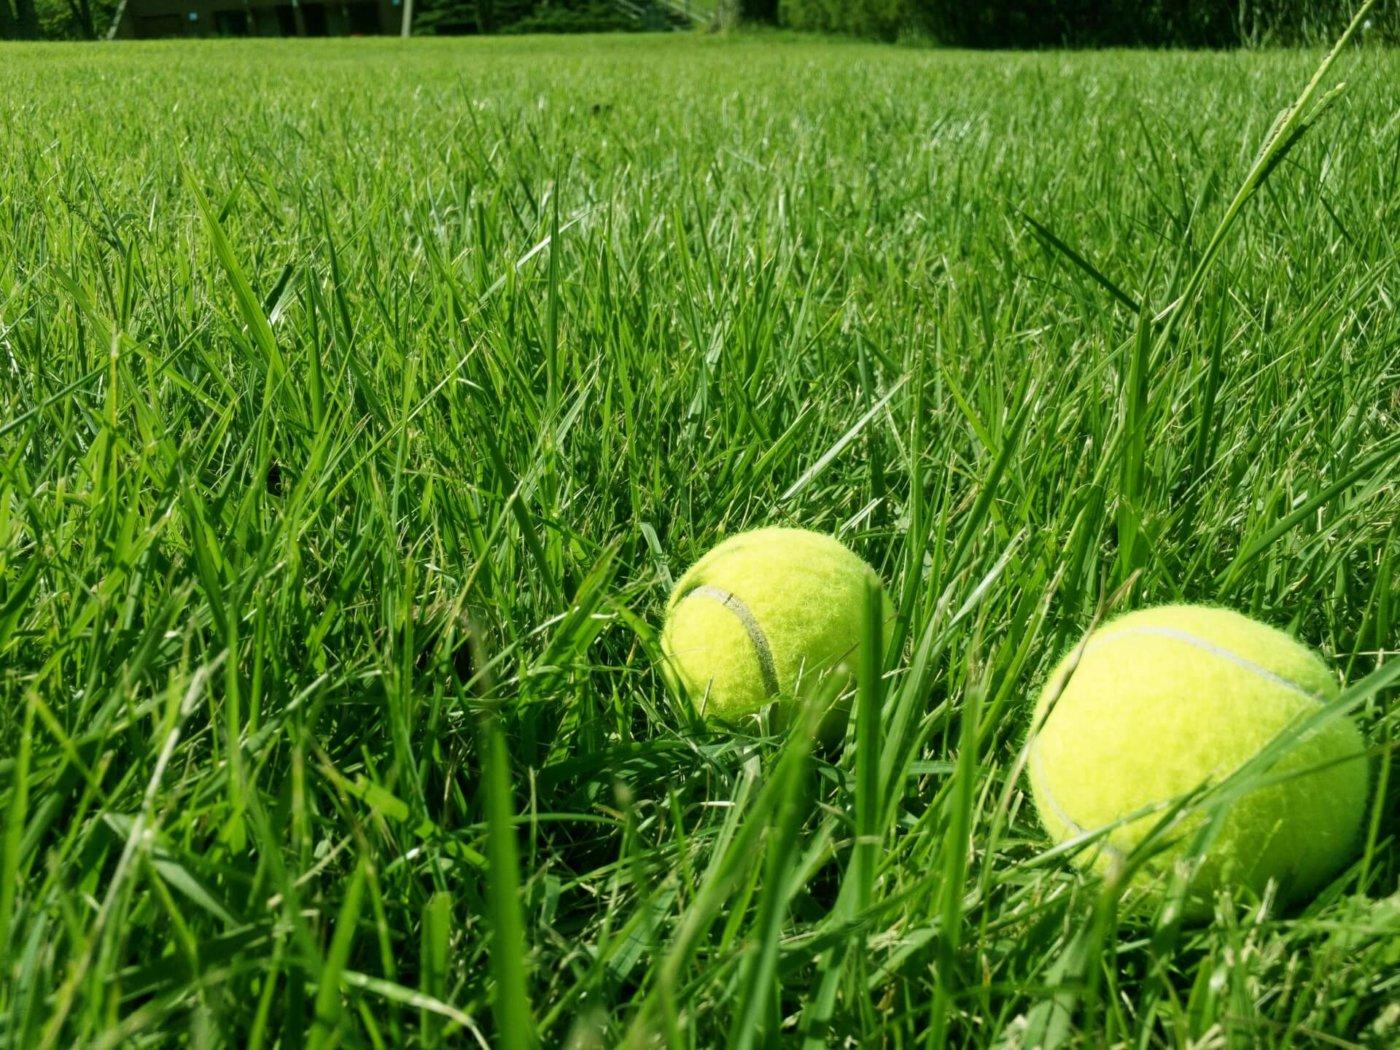 テニスのラケットバッグを選ぶなら?選び方とオススメ